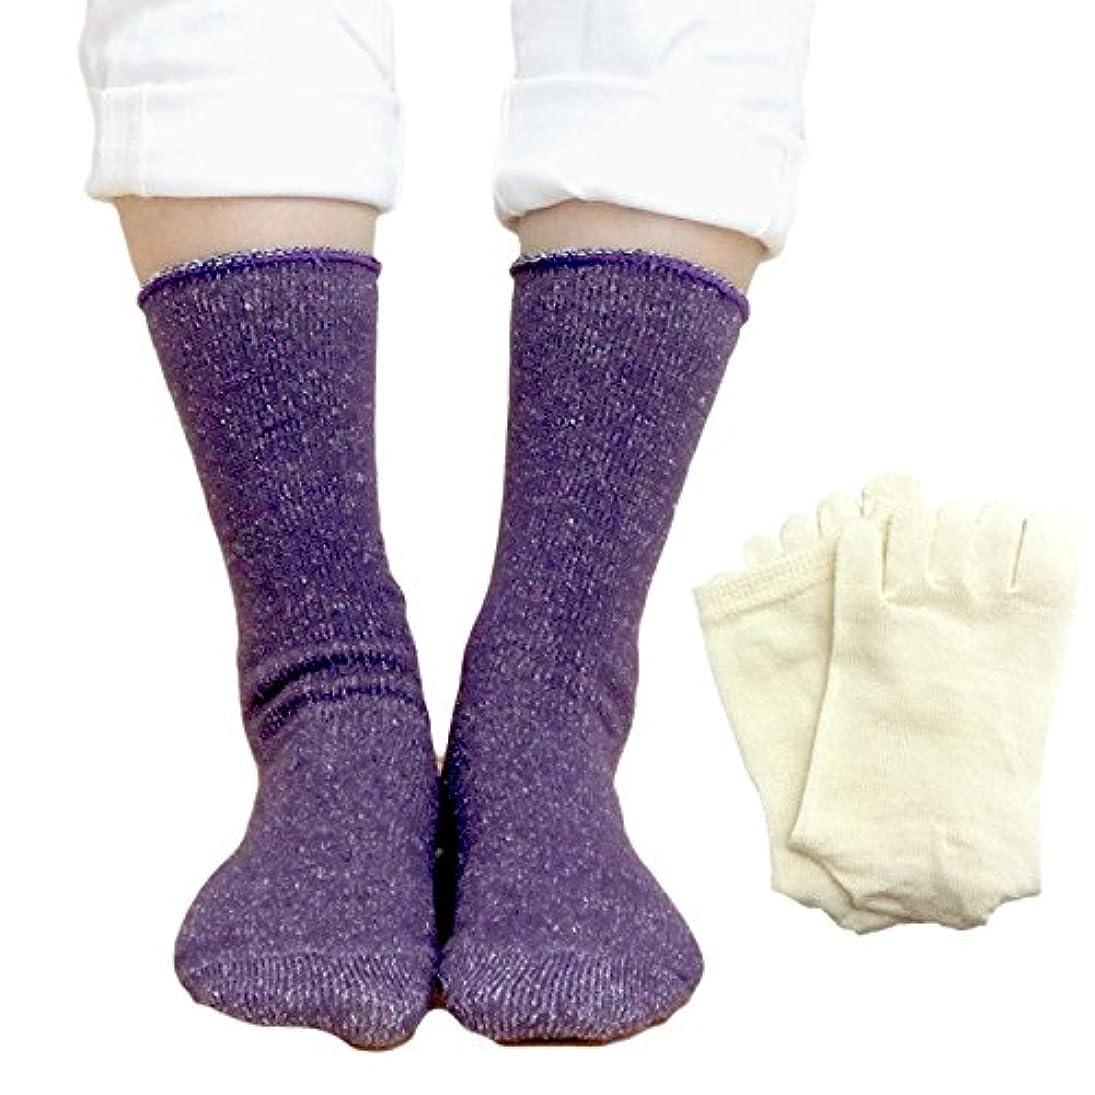 病気眠いですアルネシルク ウール 先丸 ソックス & 5本指 ソックス 2足セット 日本製 23-25cm 重ね履き 靴下 冷えとり (23-25cm, パープル)